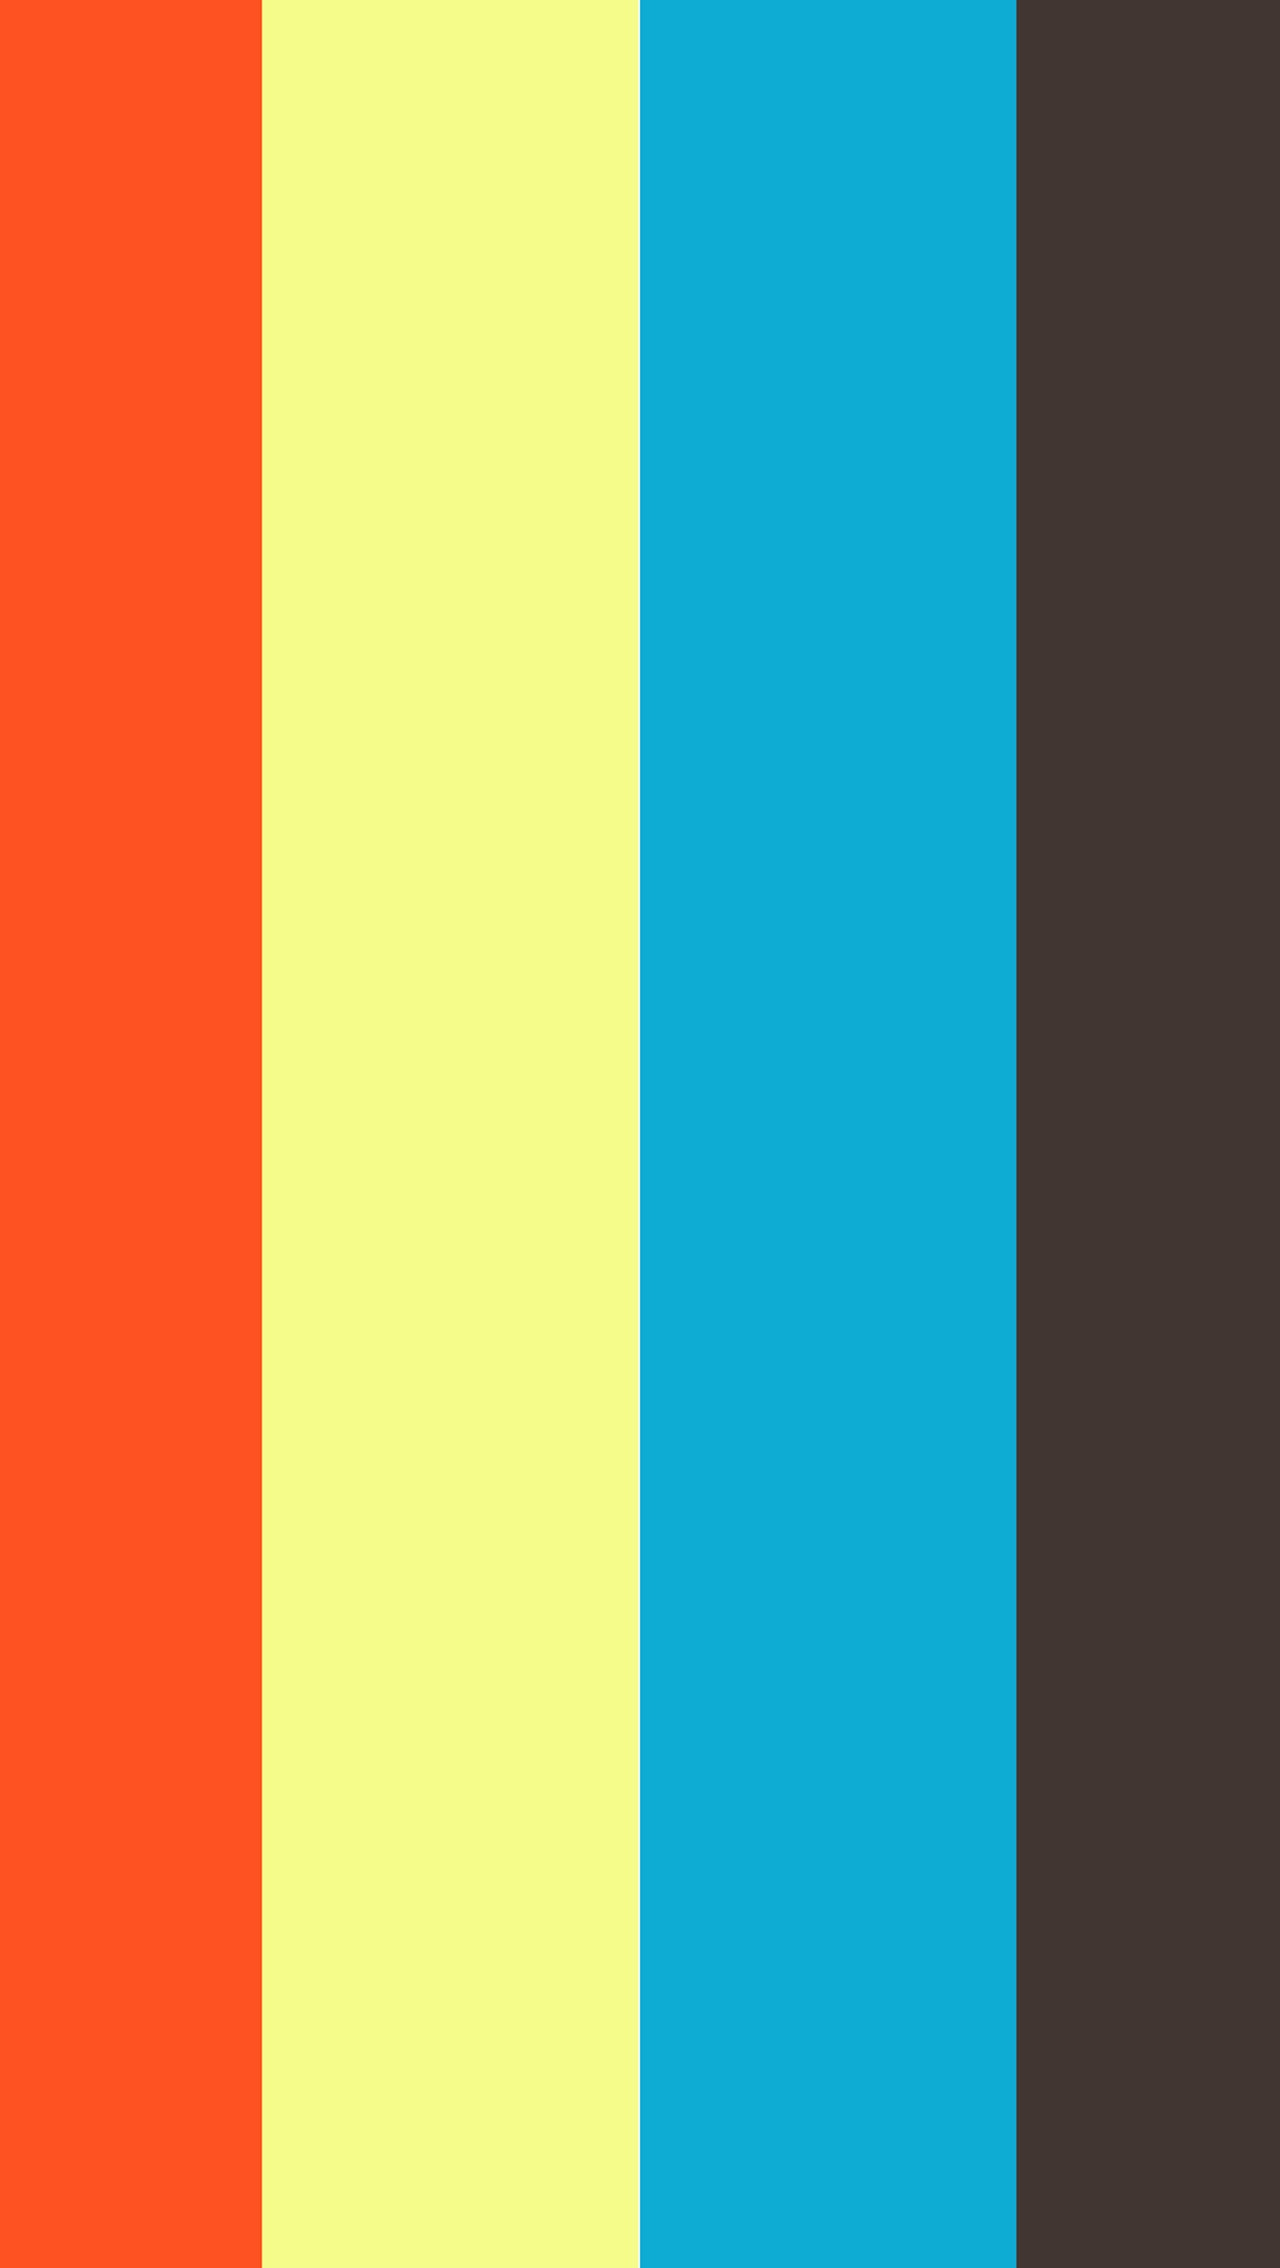 Kanortube